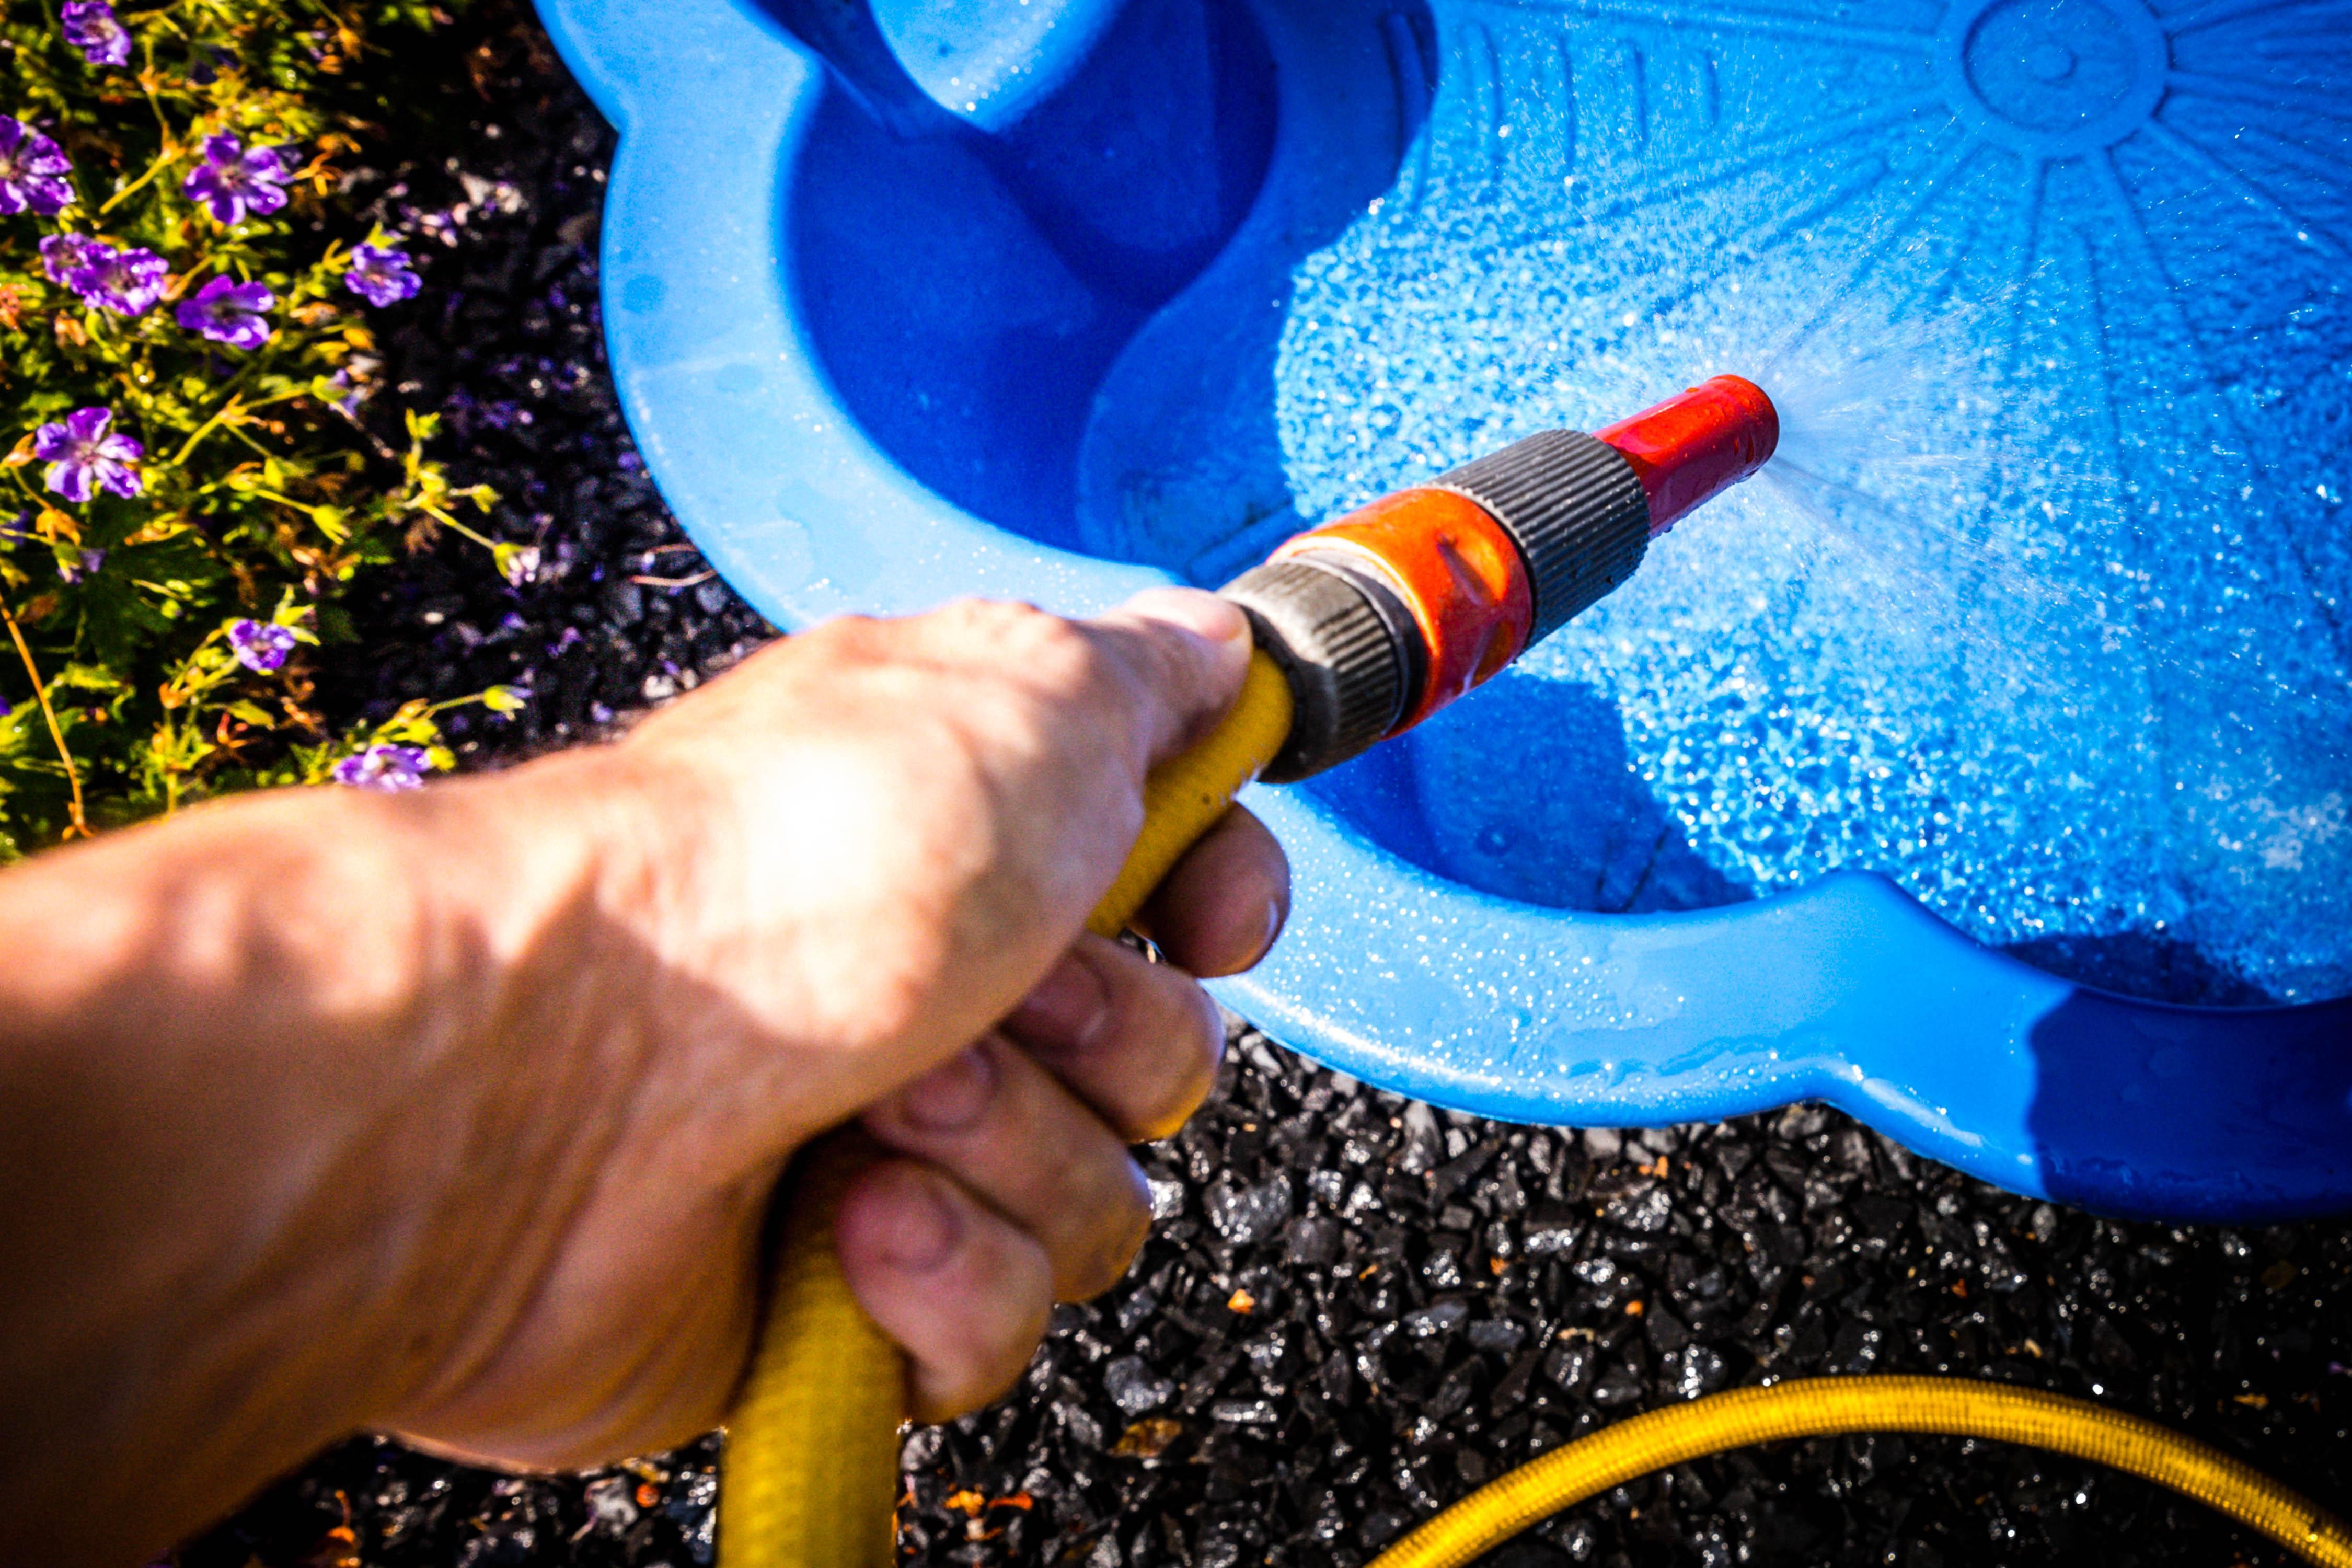 Drinkwater niet in gevaar, maar wees alstublieft een beetje zuinig. 'Geen zwembadje in de tuin, niet sproeien'